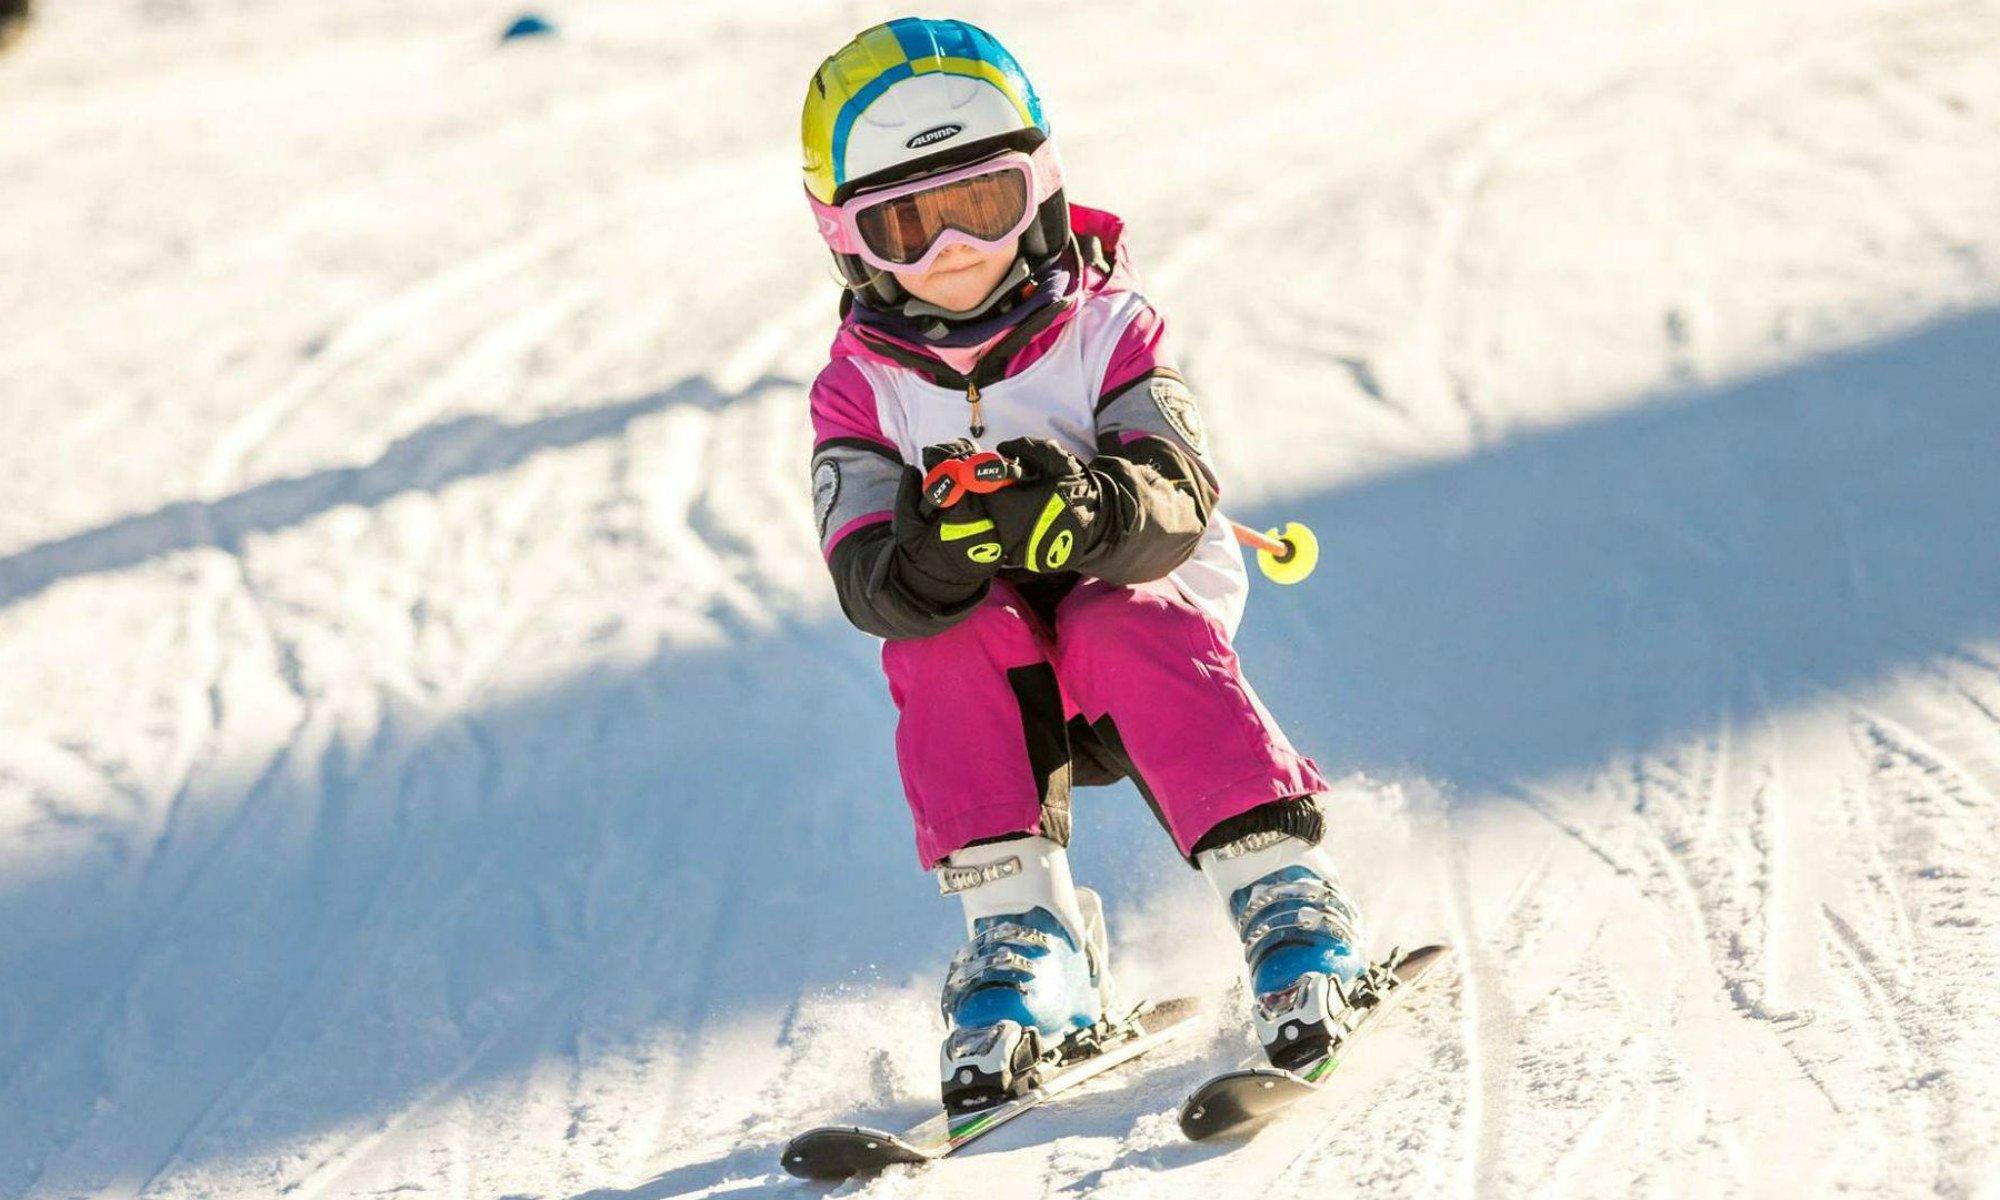 Ein Mädchen beim Skifahren in der Abfahrtshocke.